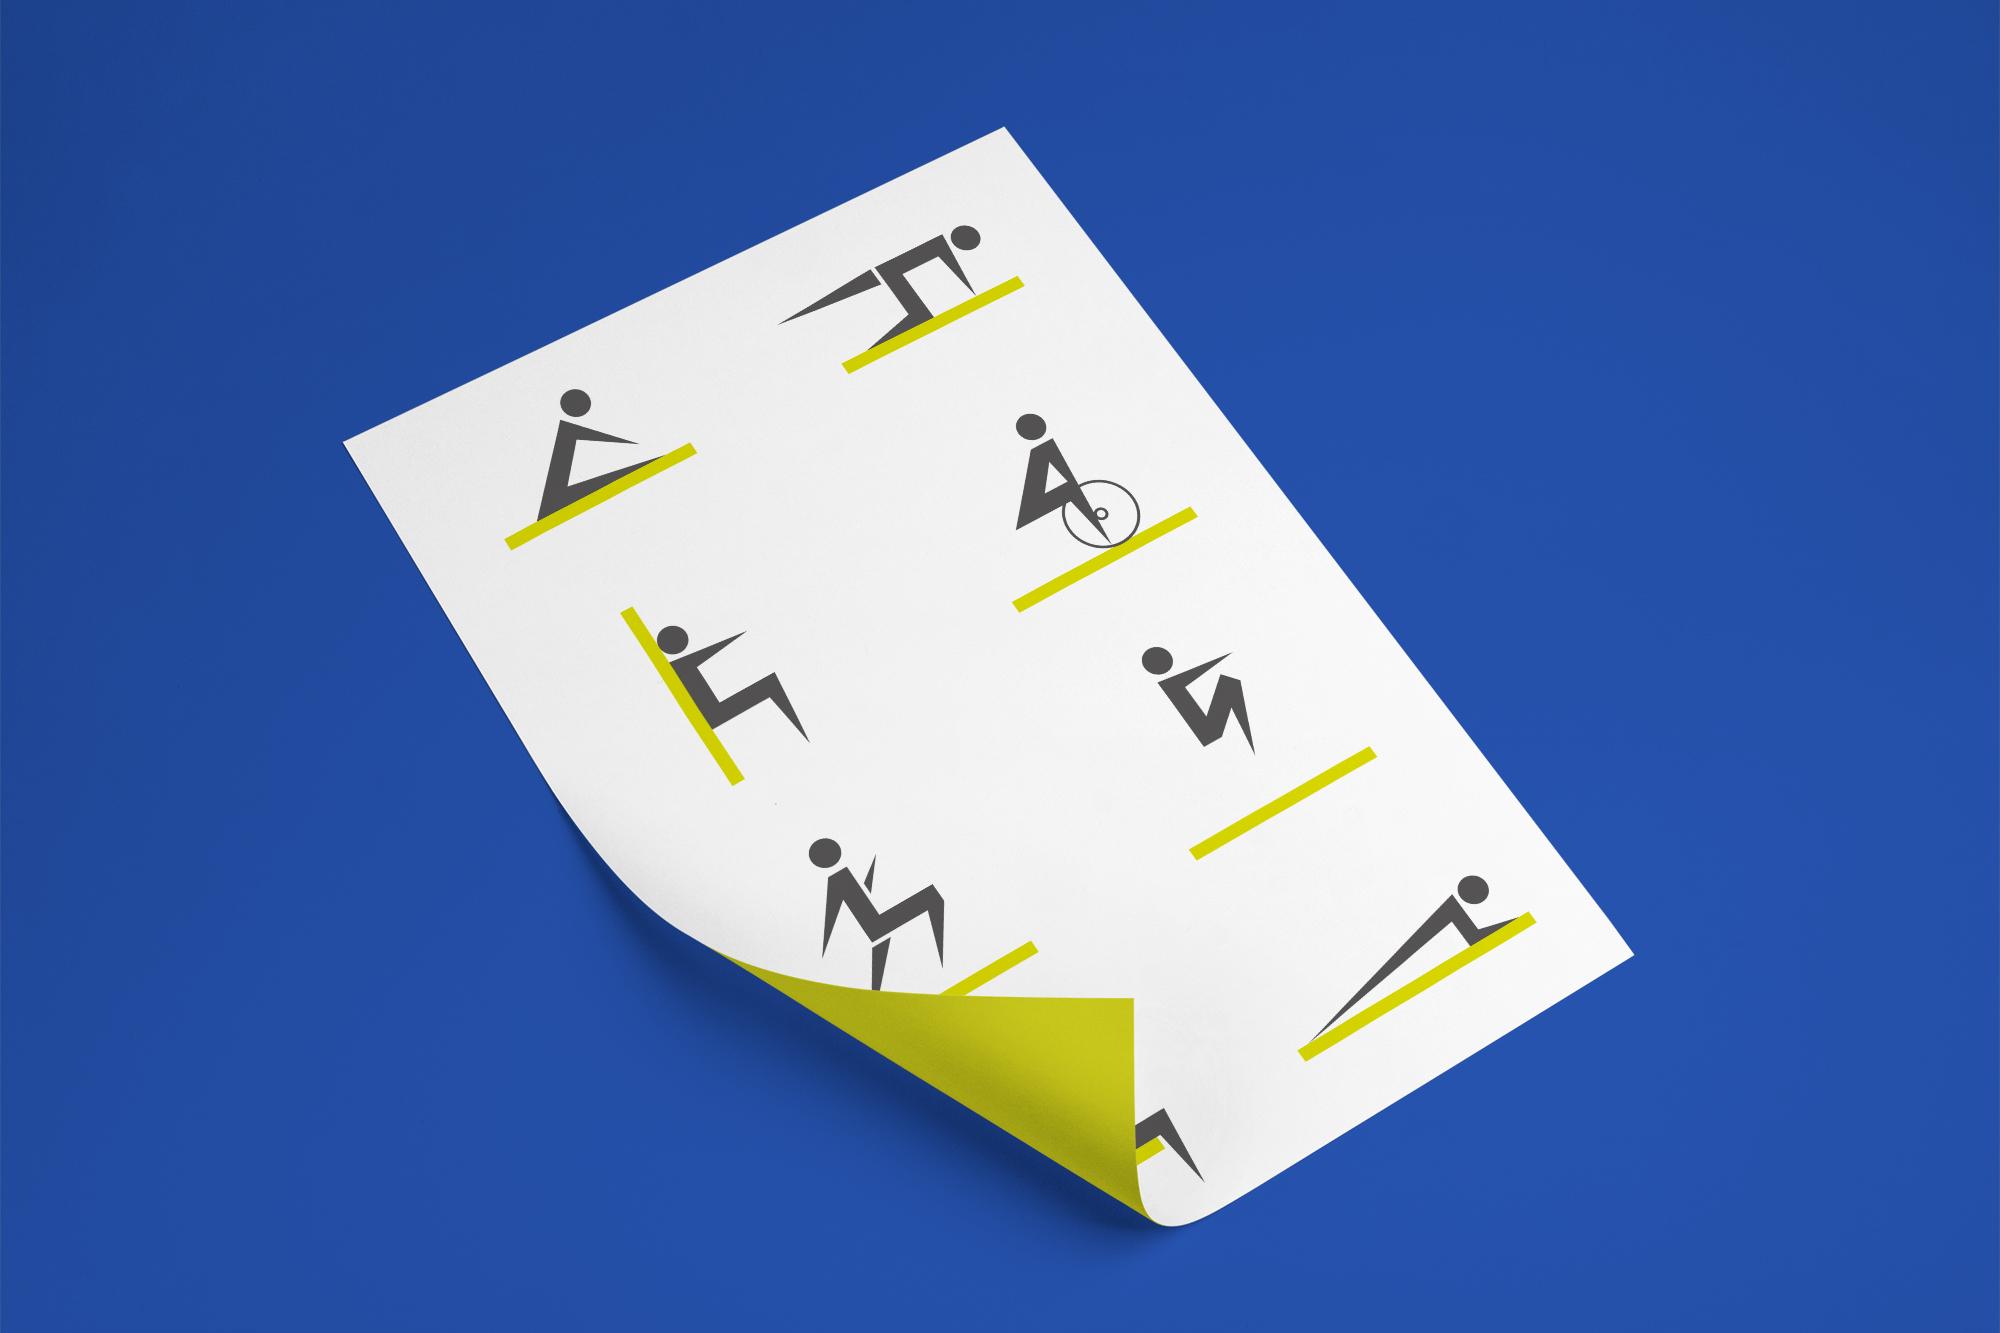 affiche illustrant des icônes d'exercices pour l'entraînement